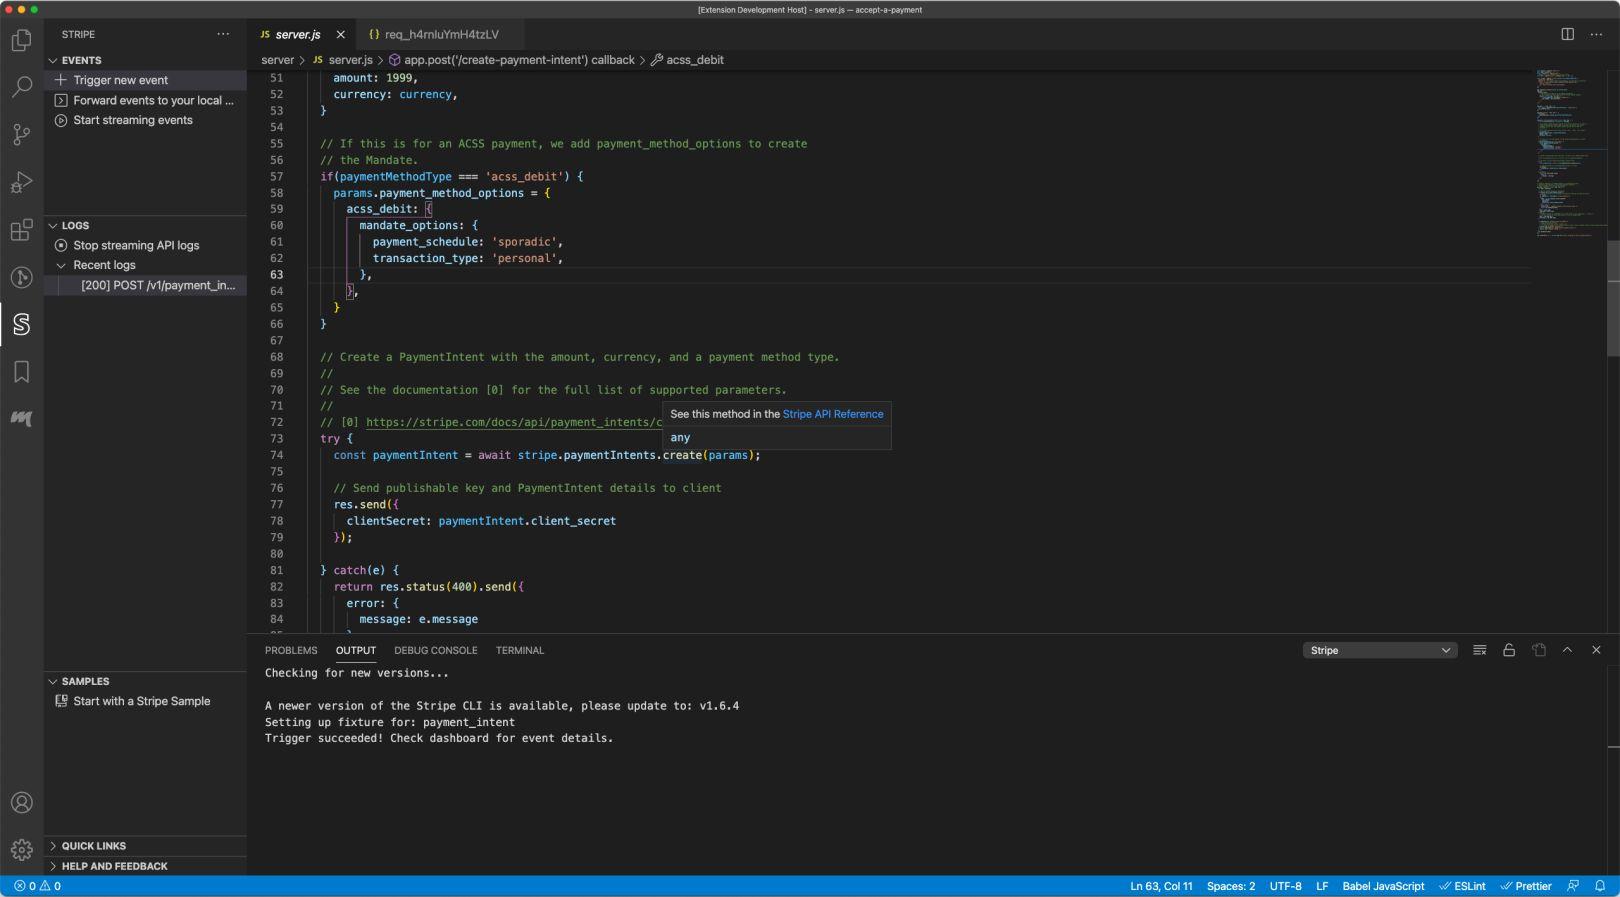 VS Code > API image